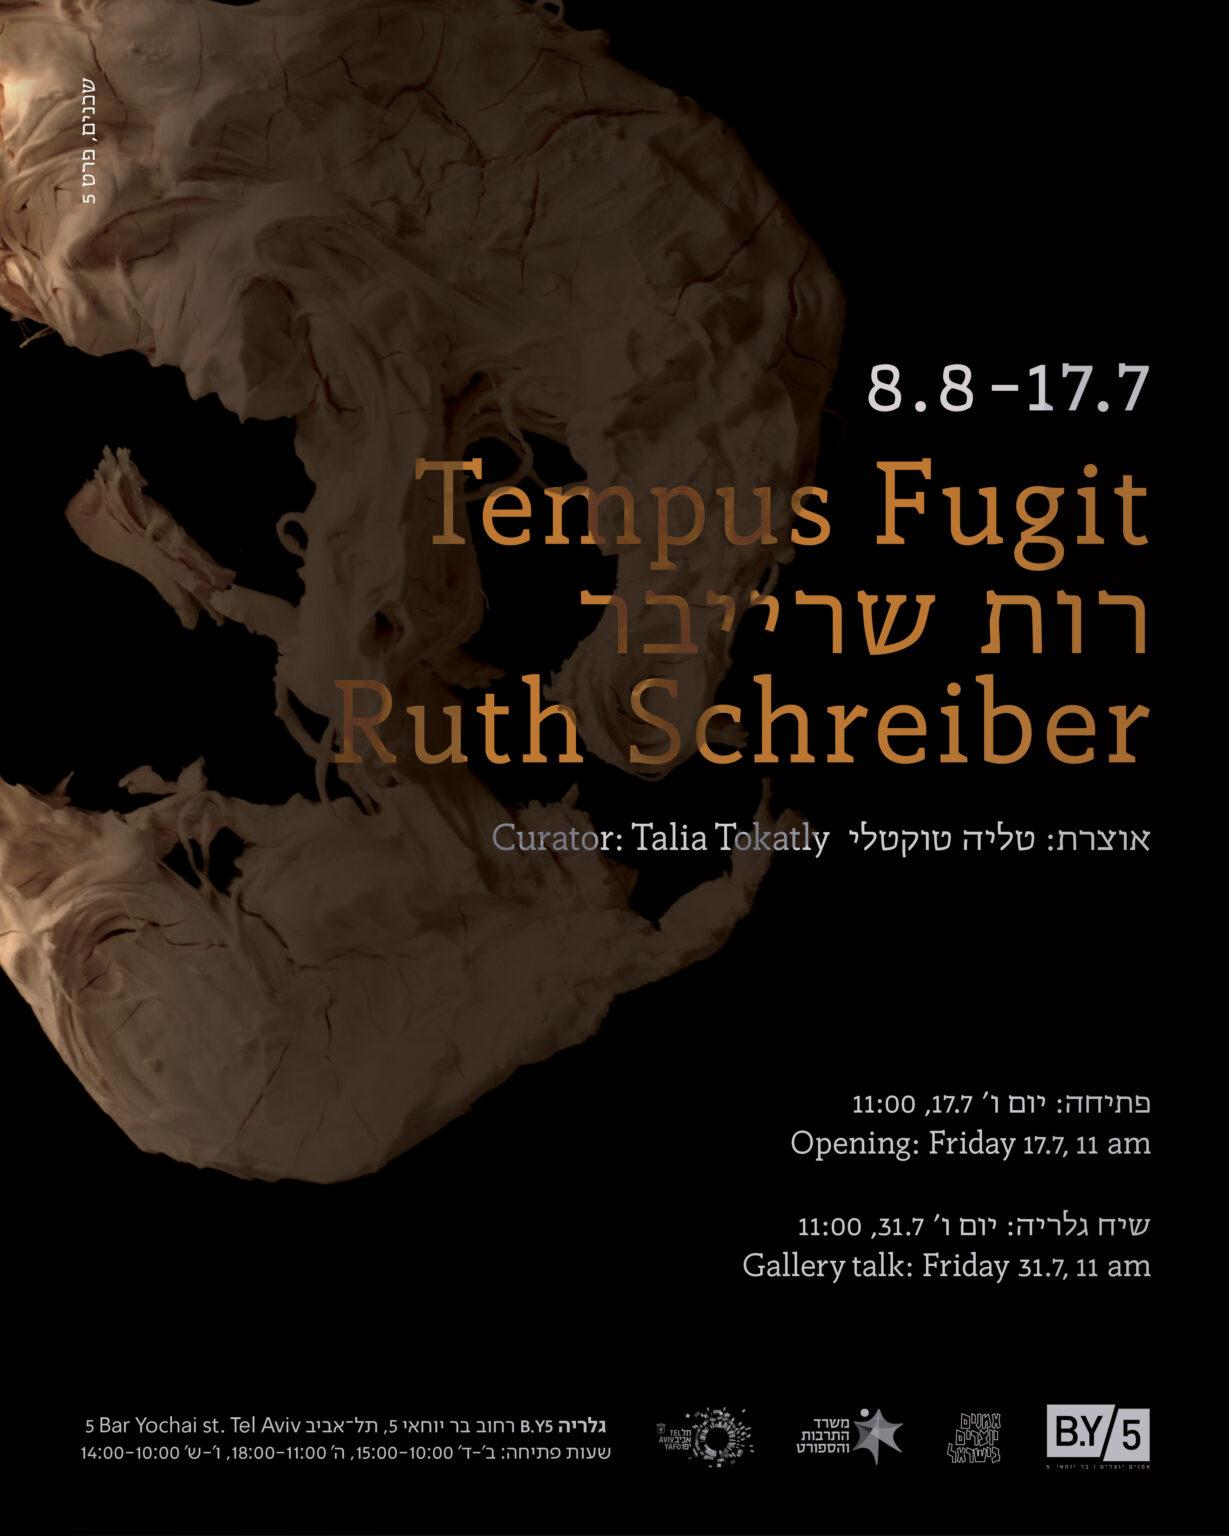 INVITATION RuthSchreiber